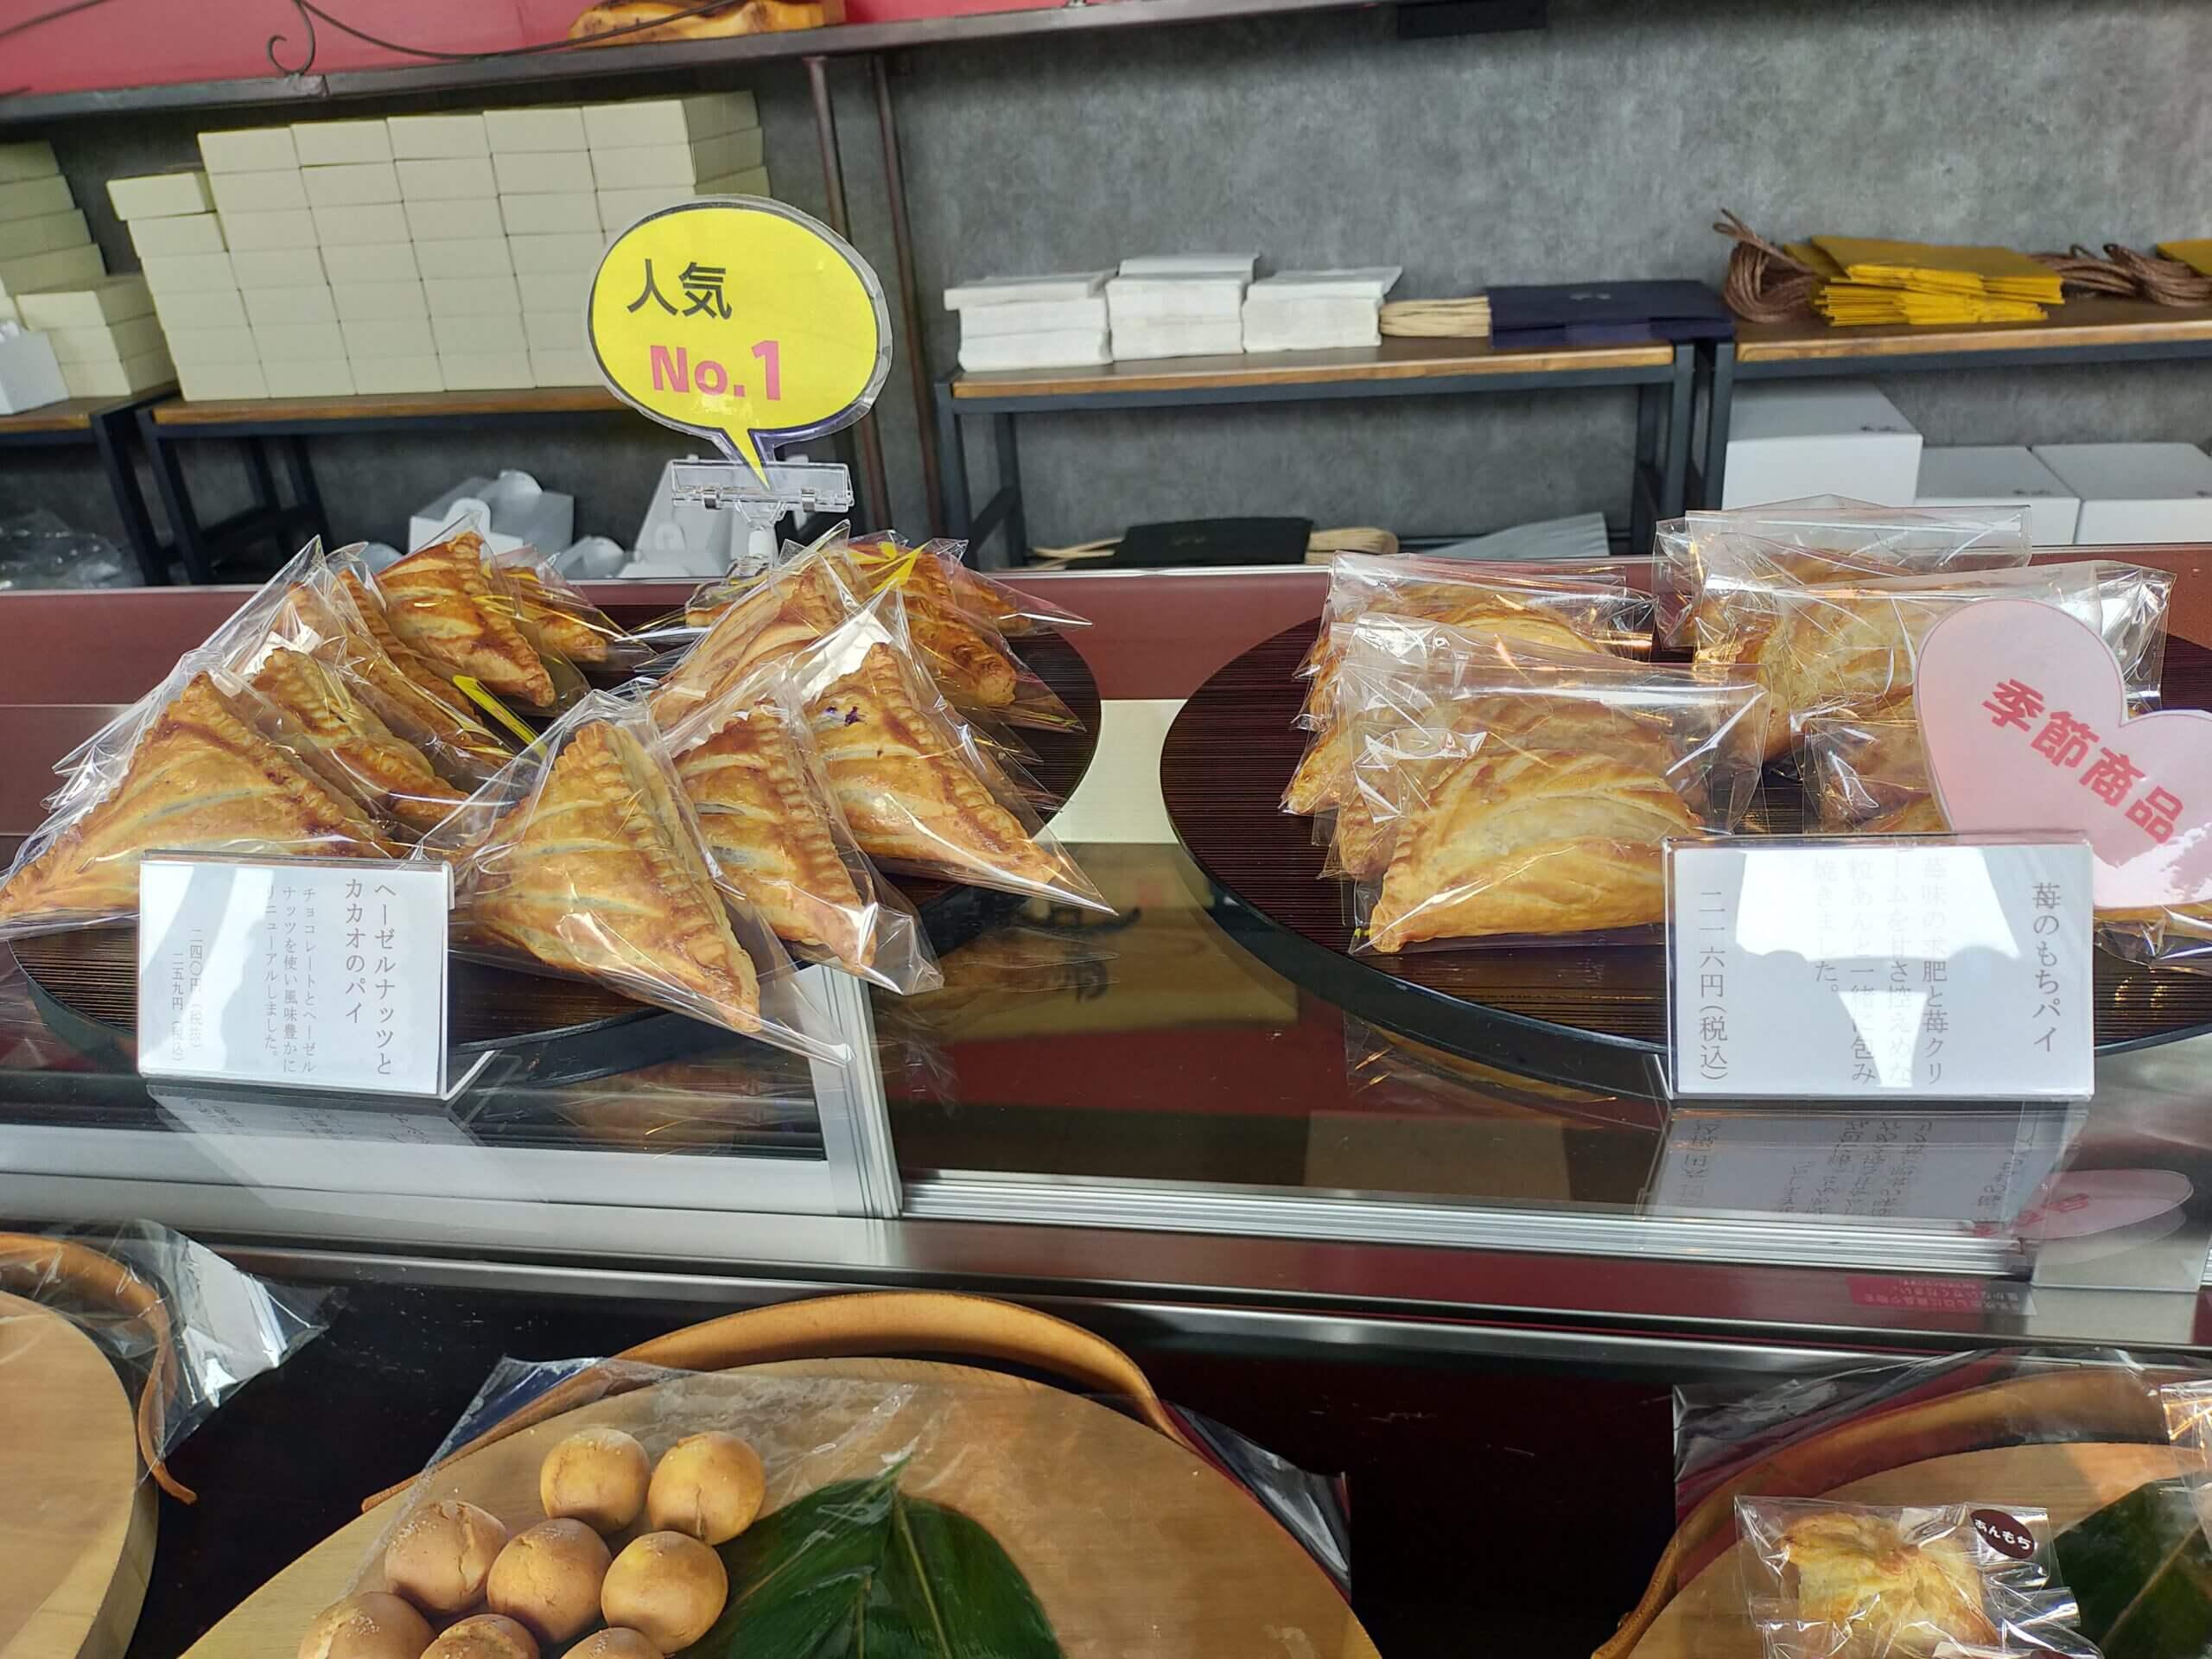 【肥後和菓子処 京櫻-合志市御代志-】種類豊富で食べたいスイーツが見つかる和菓子屋さん